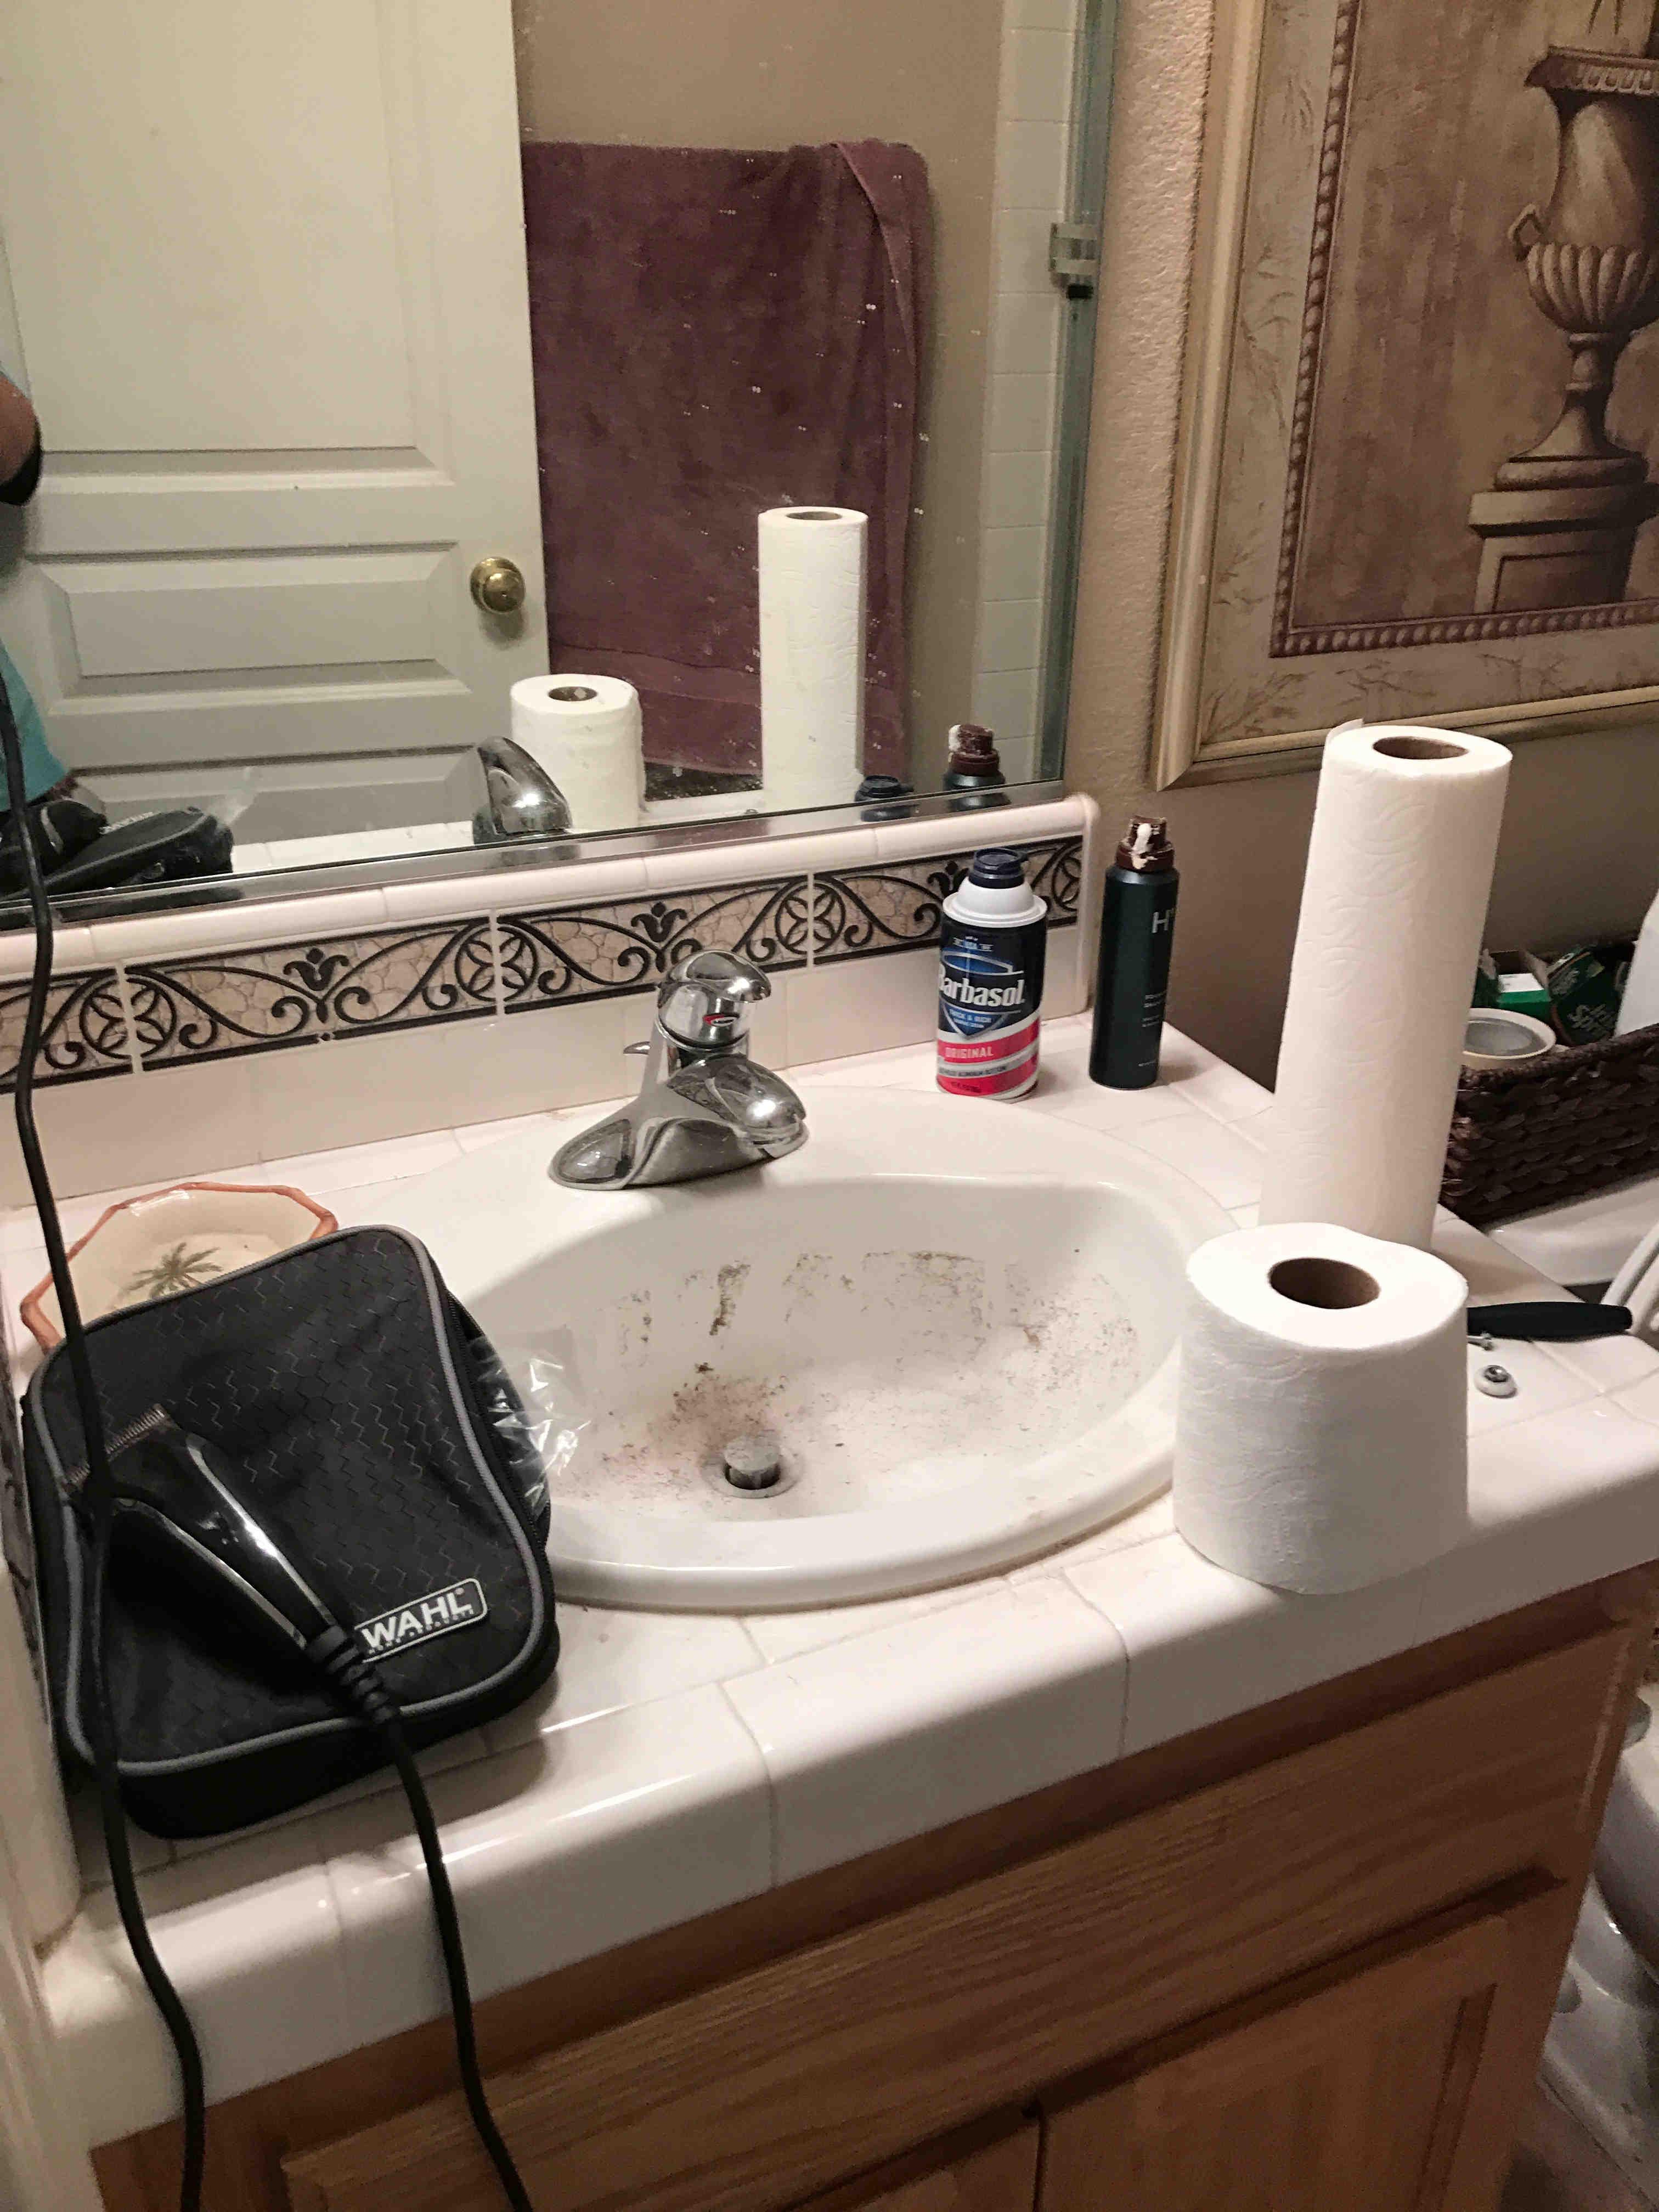 bathroom sink before being cleaned